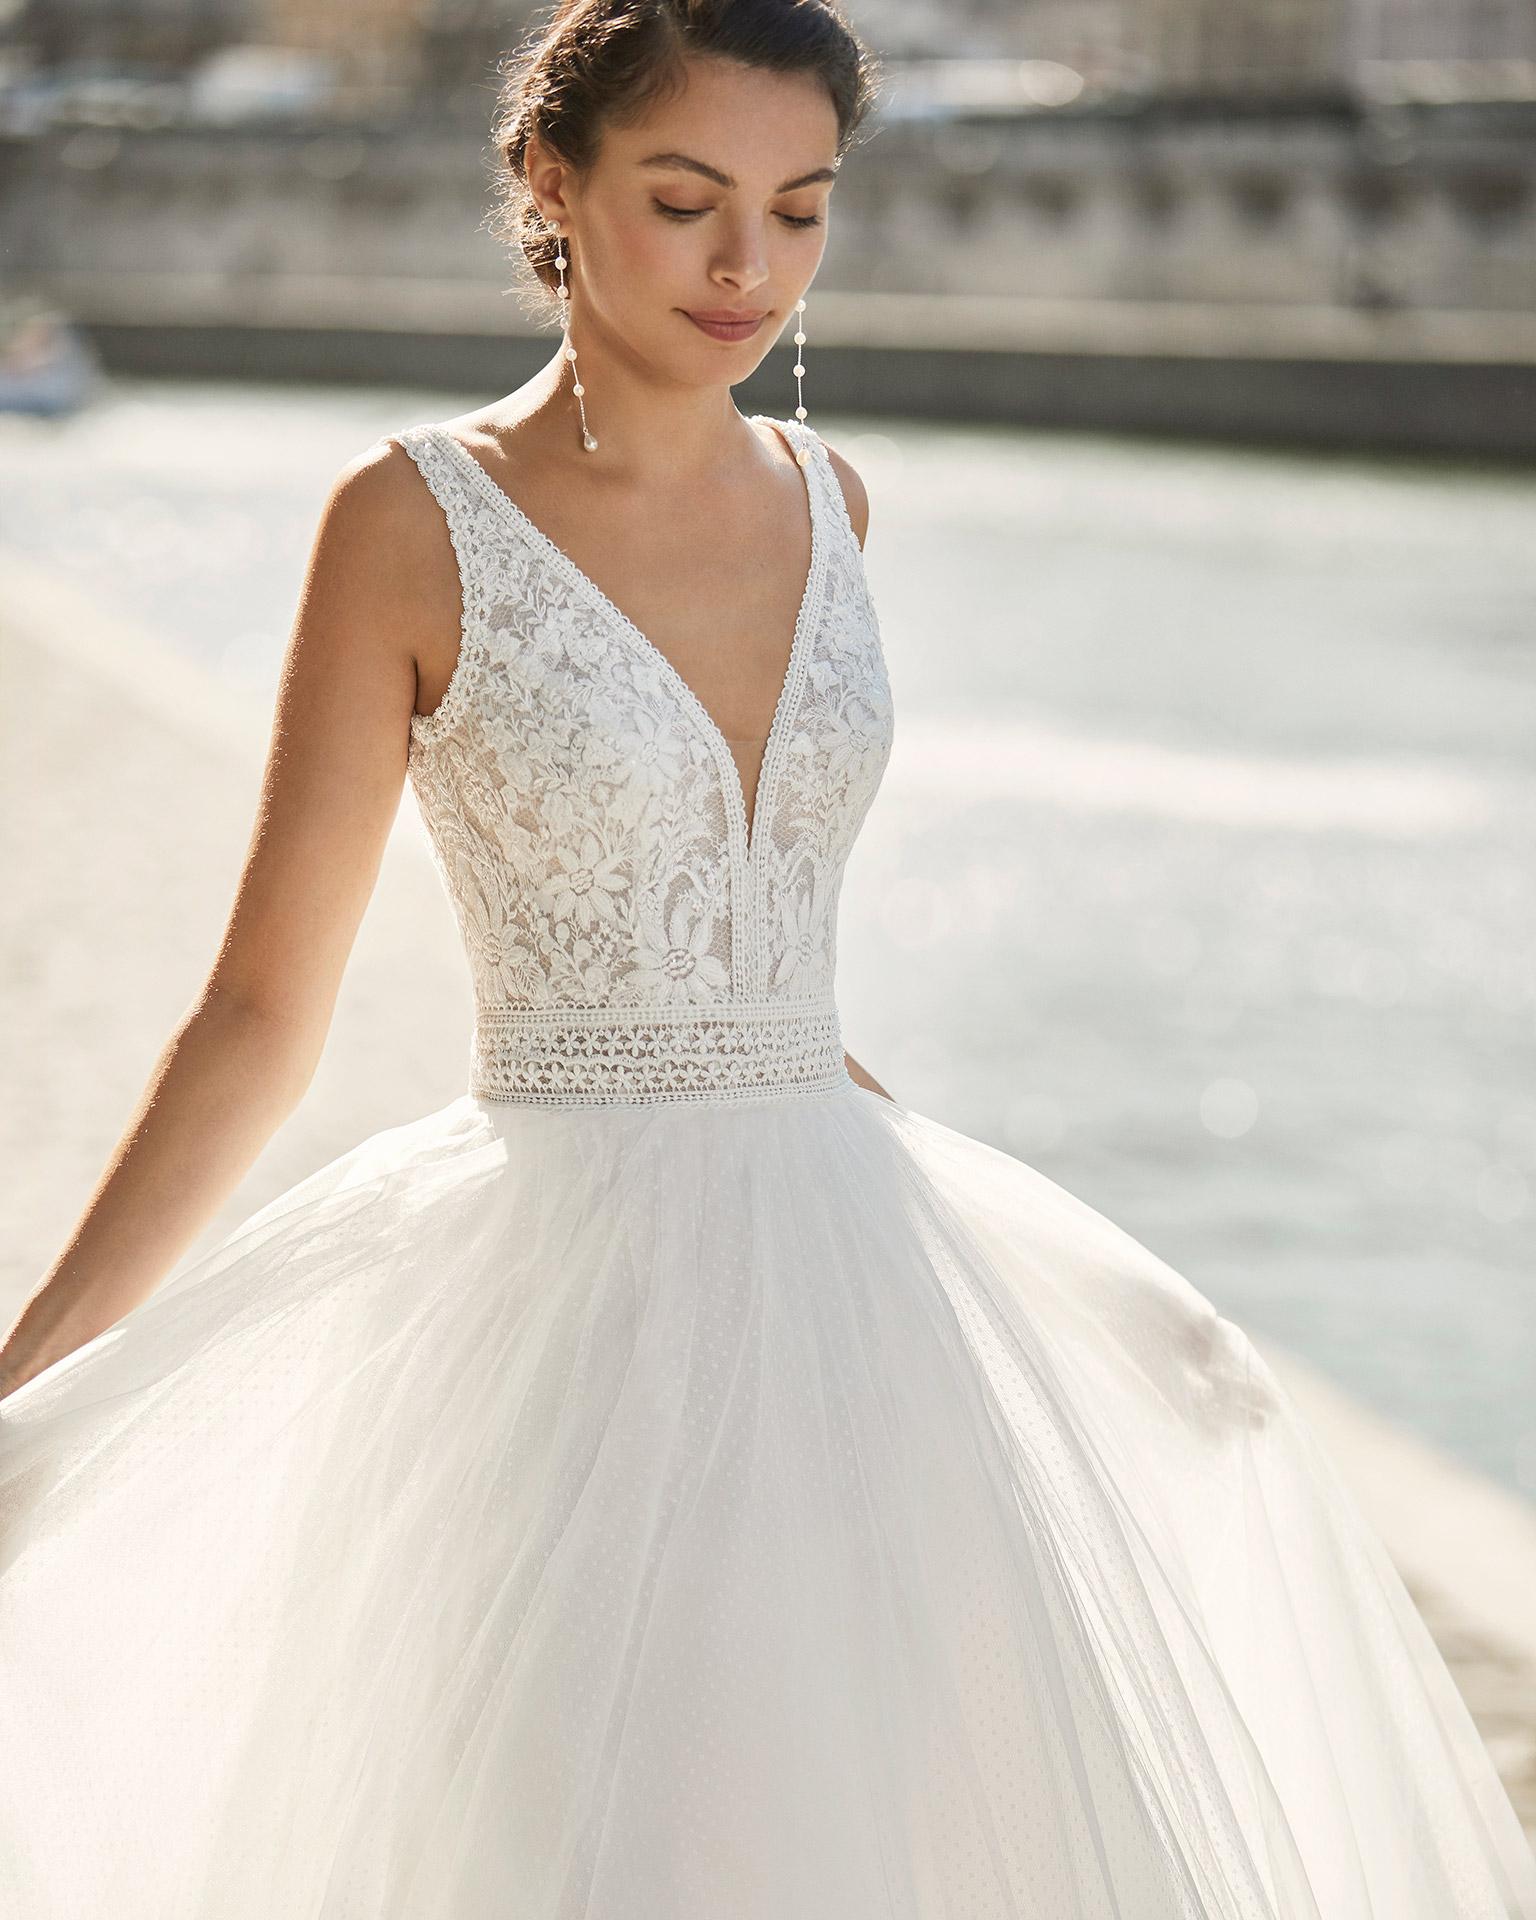 Vestido de novia de tul plumeti. Escote en V de encaje y pedrería, tirantes y espalda escotada de encaje. Colección ALMANOVIA 2021.